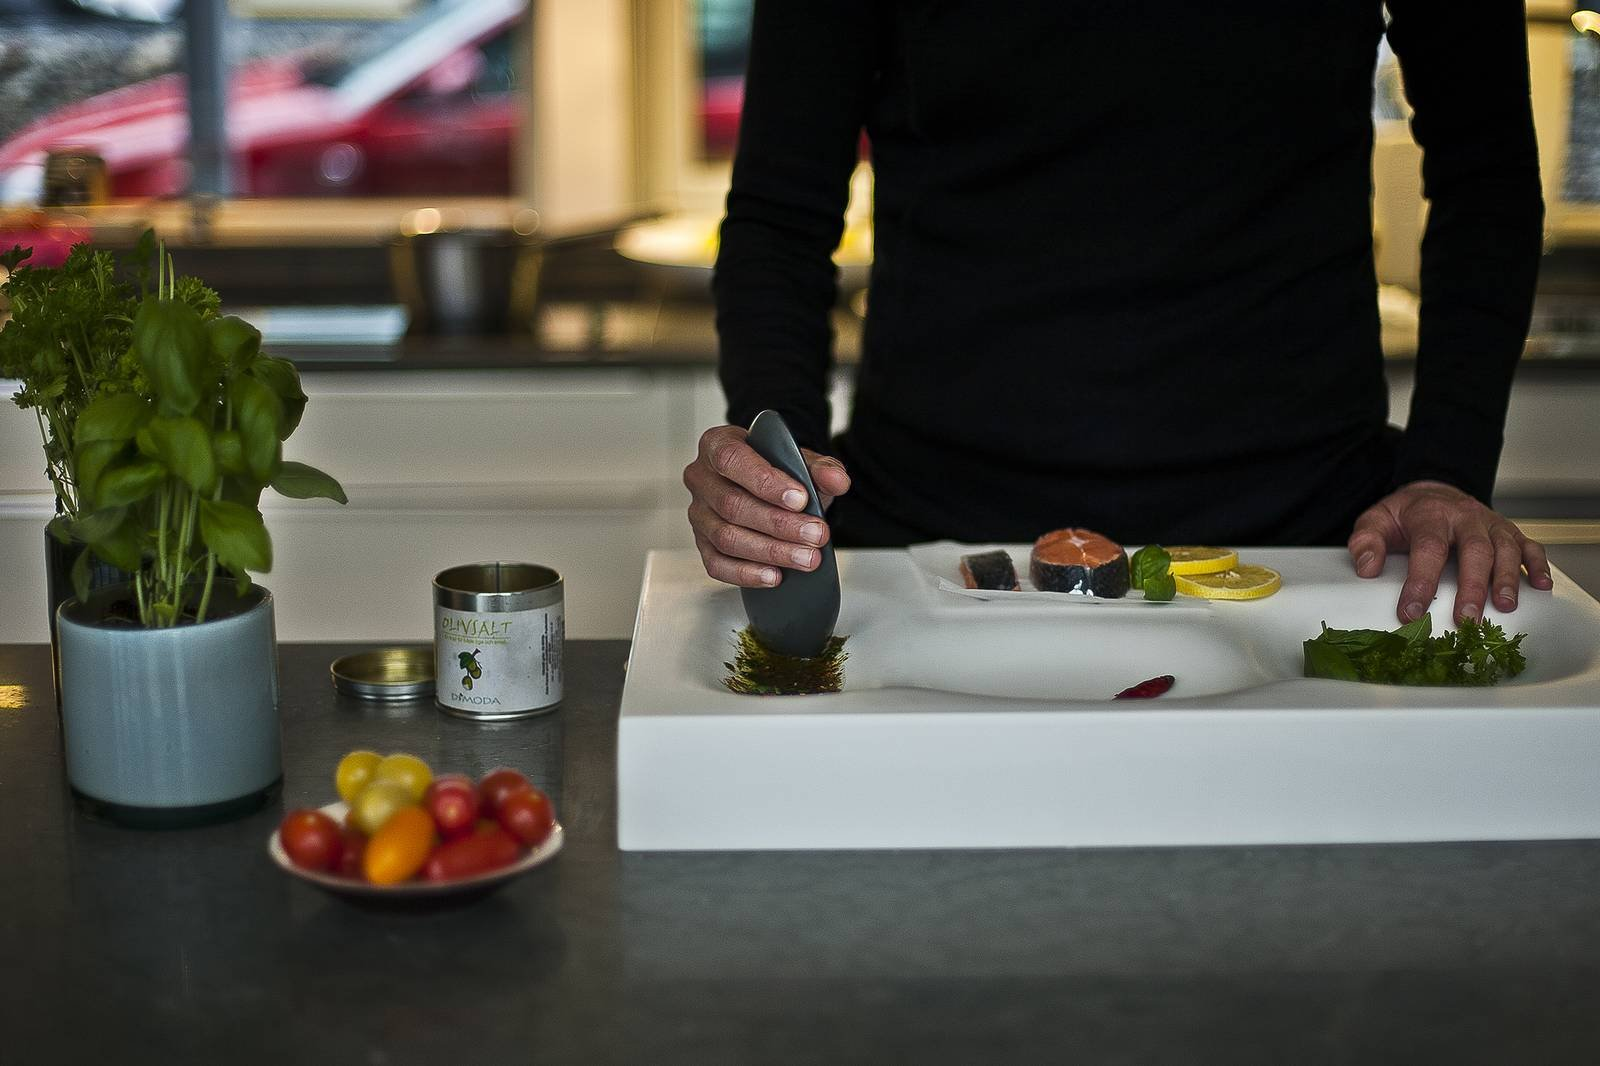 Primitive kitchen tool per cucinare come alle origini for Cose per cucinare 94